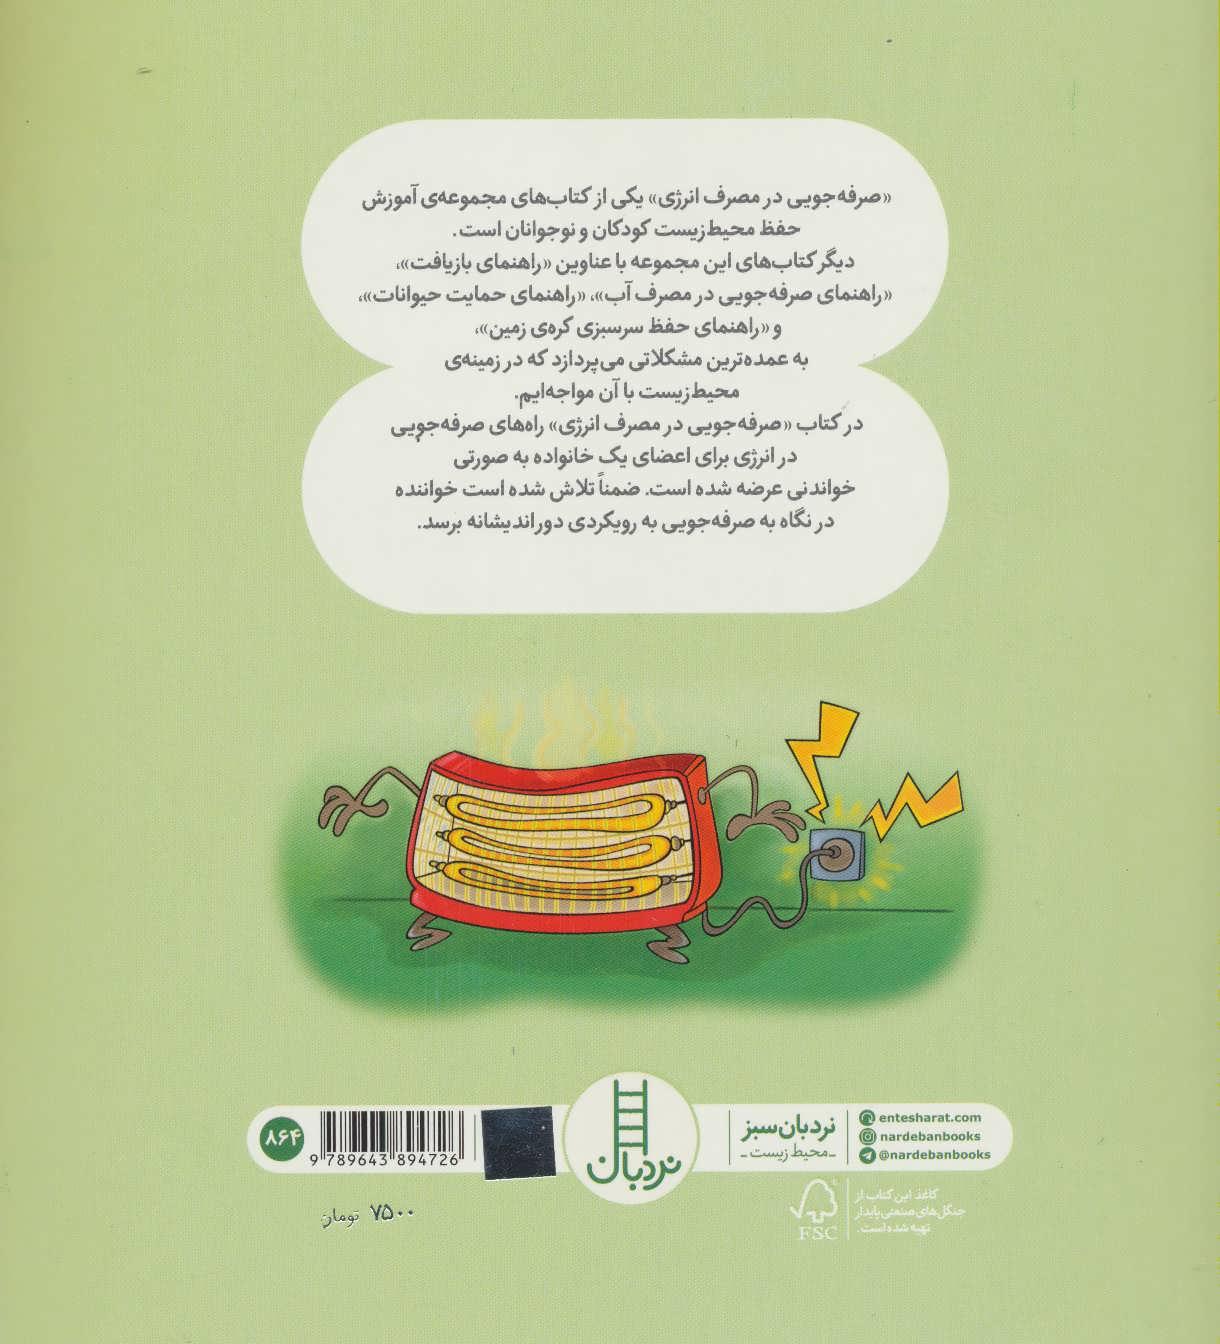 صرفه جویی در مصرف انرژی (بچه ها و حفظ محیط زیست49)،(گلاسه)